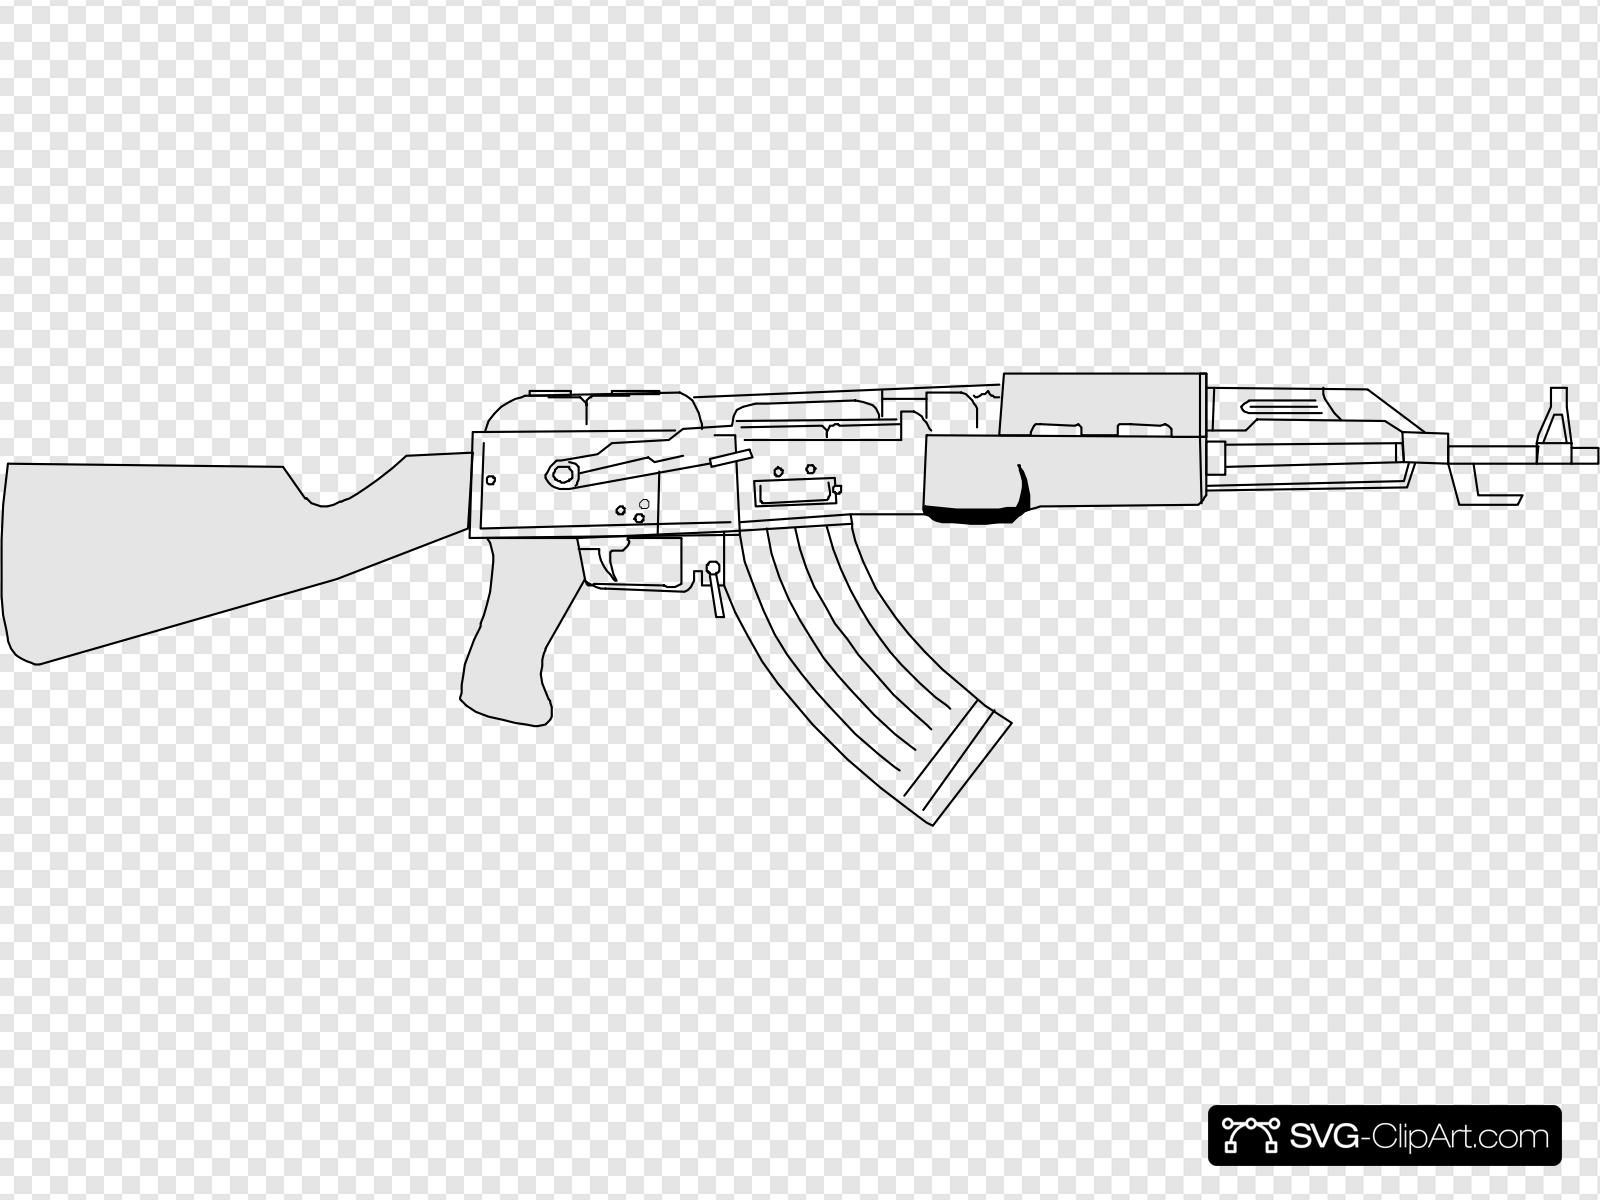 Ak47 Clip art, Icon and SVG.